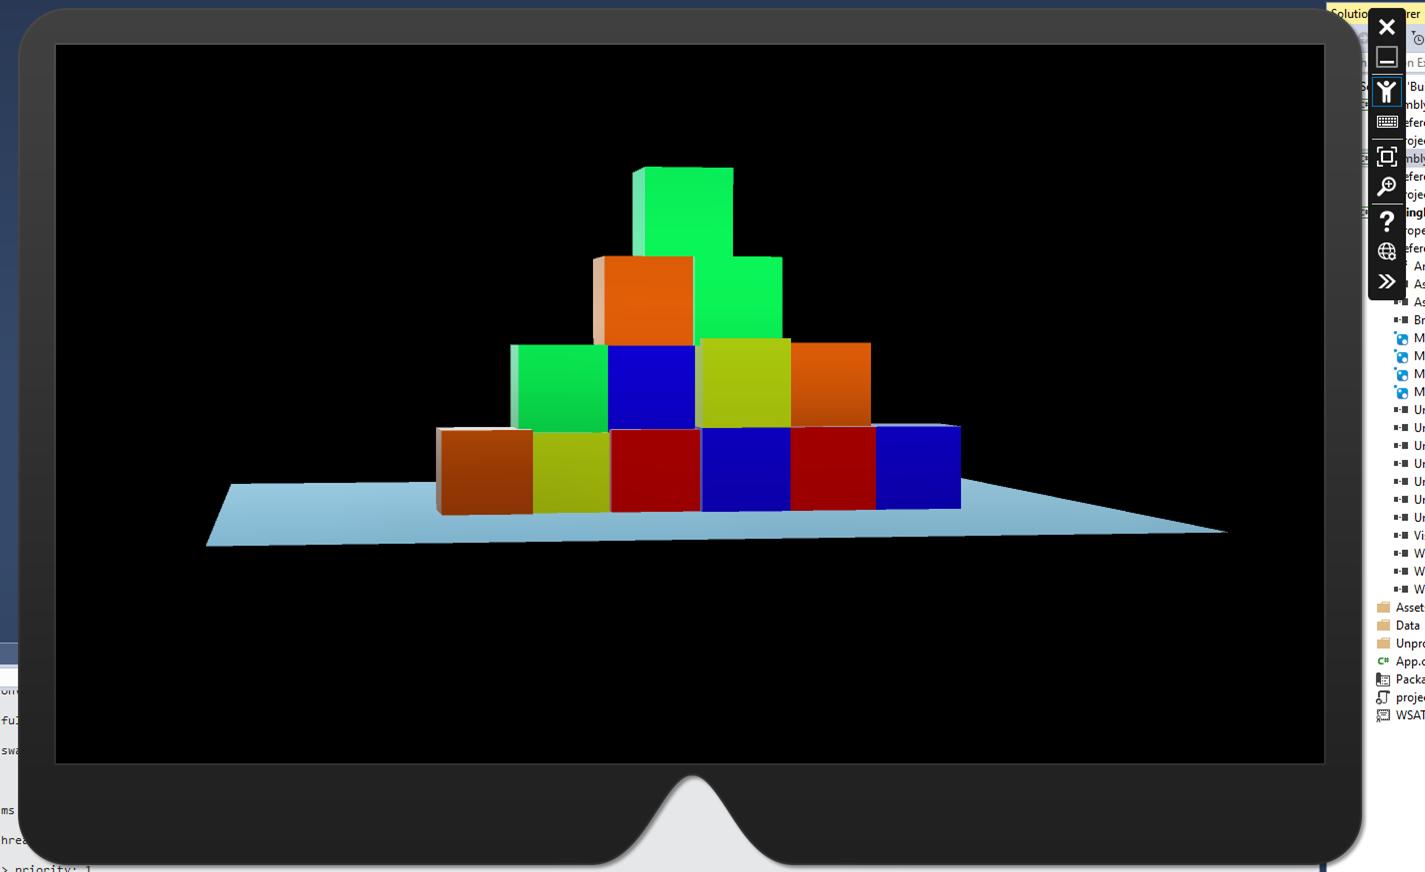 Building Blocks - Running on HoloLens Emulator